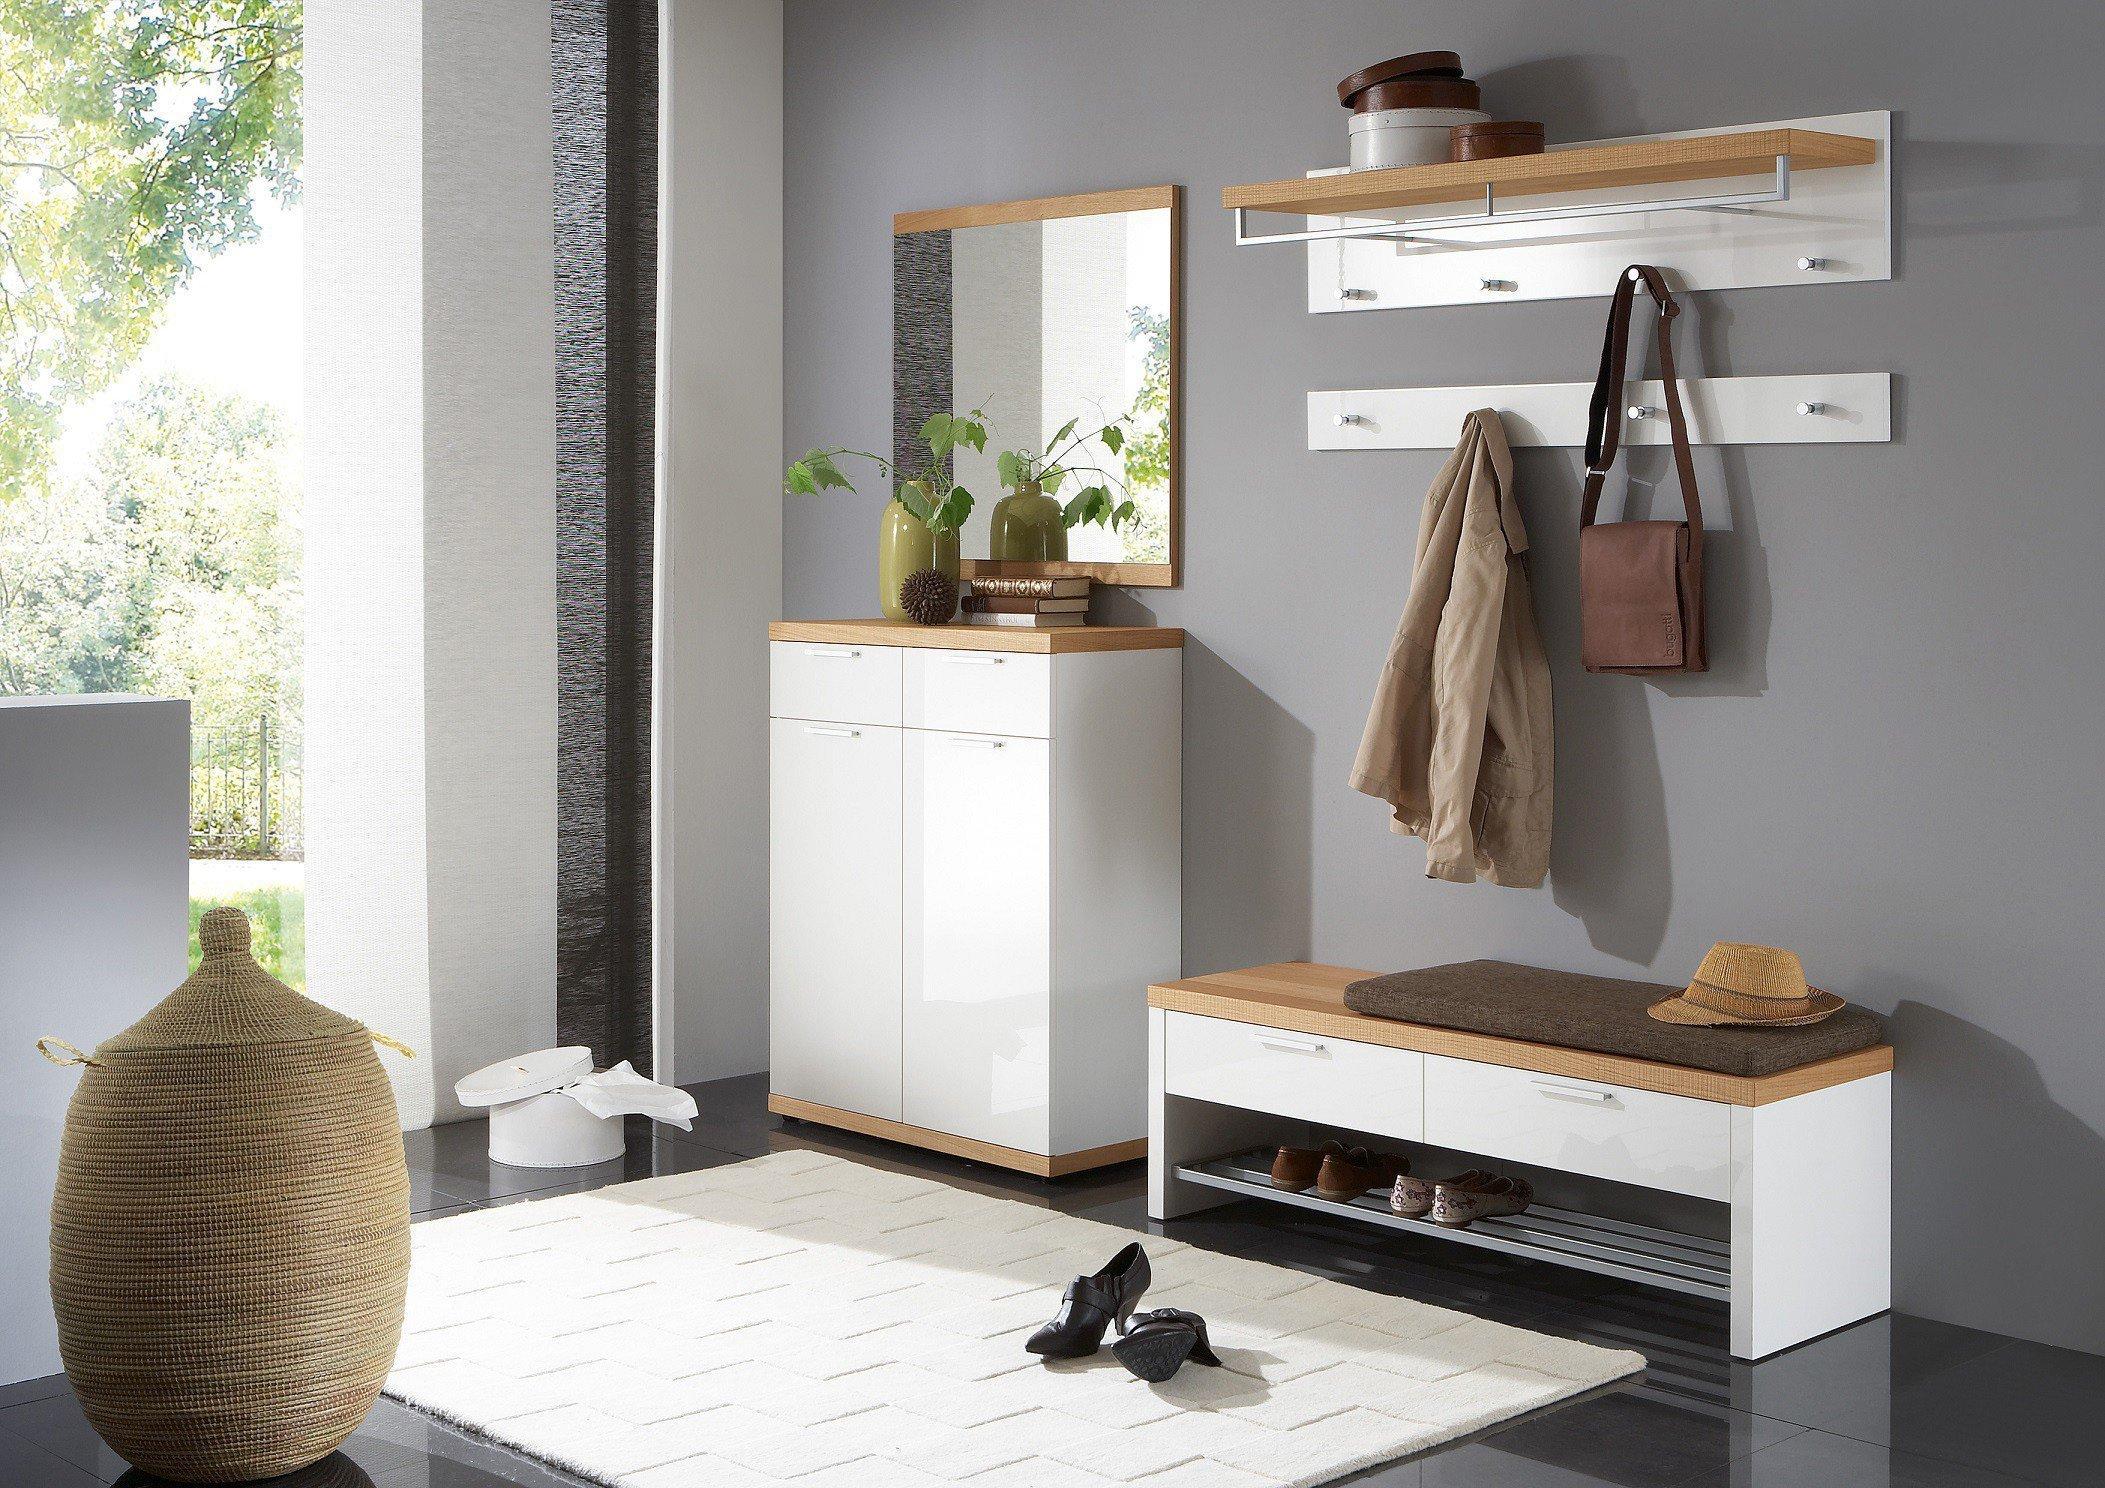 voss garderobe burgos wei hochglanz eiche m bel letz ihr online shop. Black Bedroom Furniture Sets. Home Design Ideas